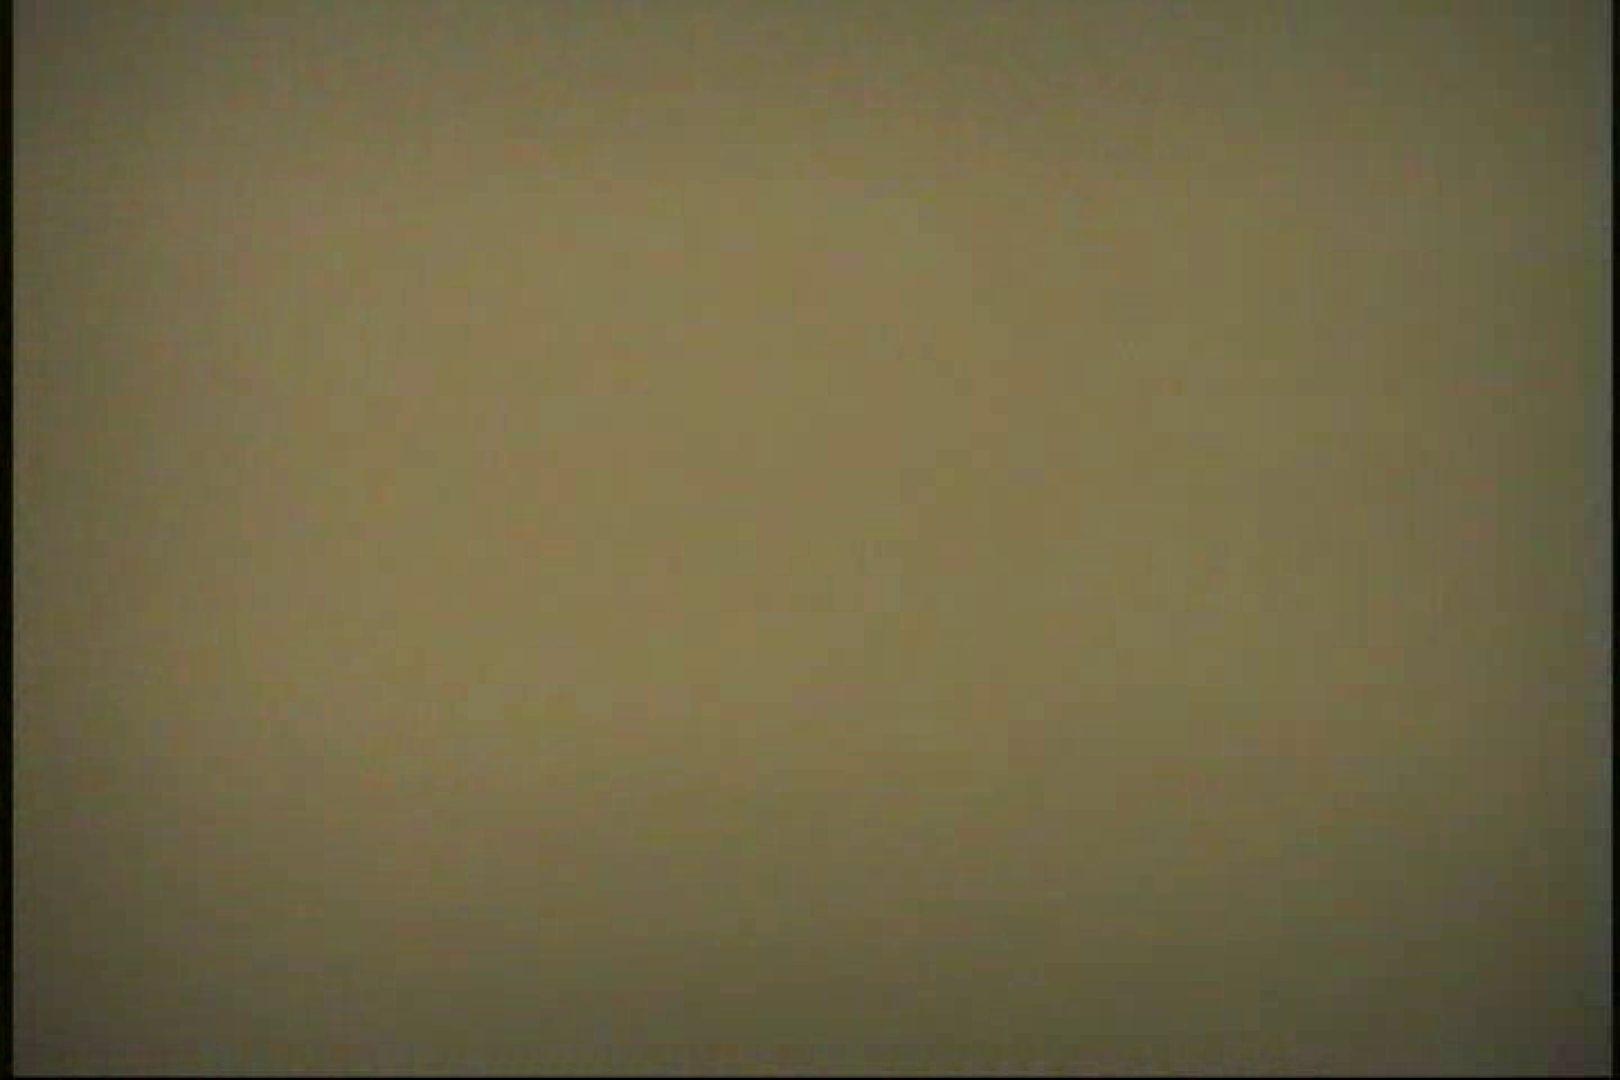 いっくんの調教シリーズ「未亡人みずほ27歳市役所職員」Vol.7 浴衣ギャル  89pic 54